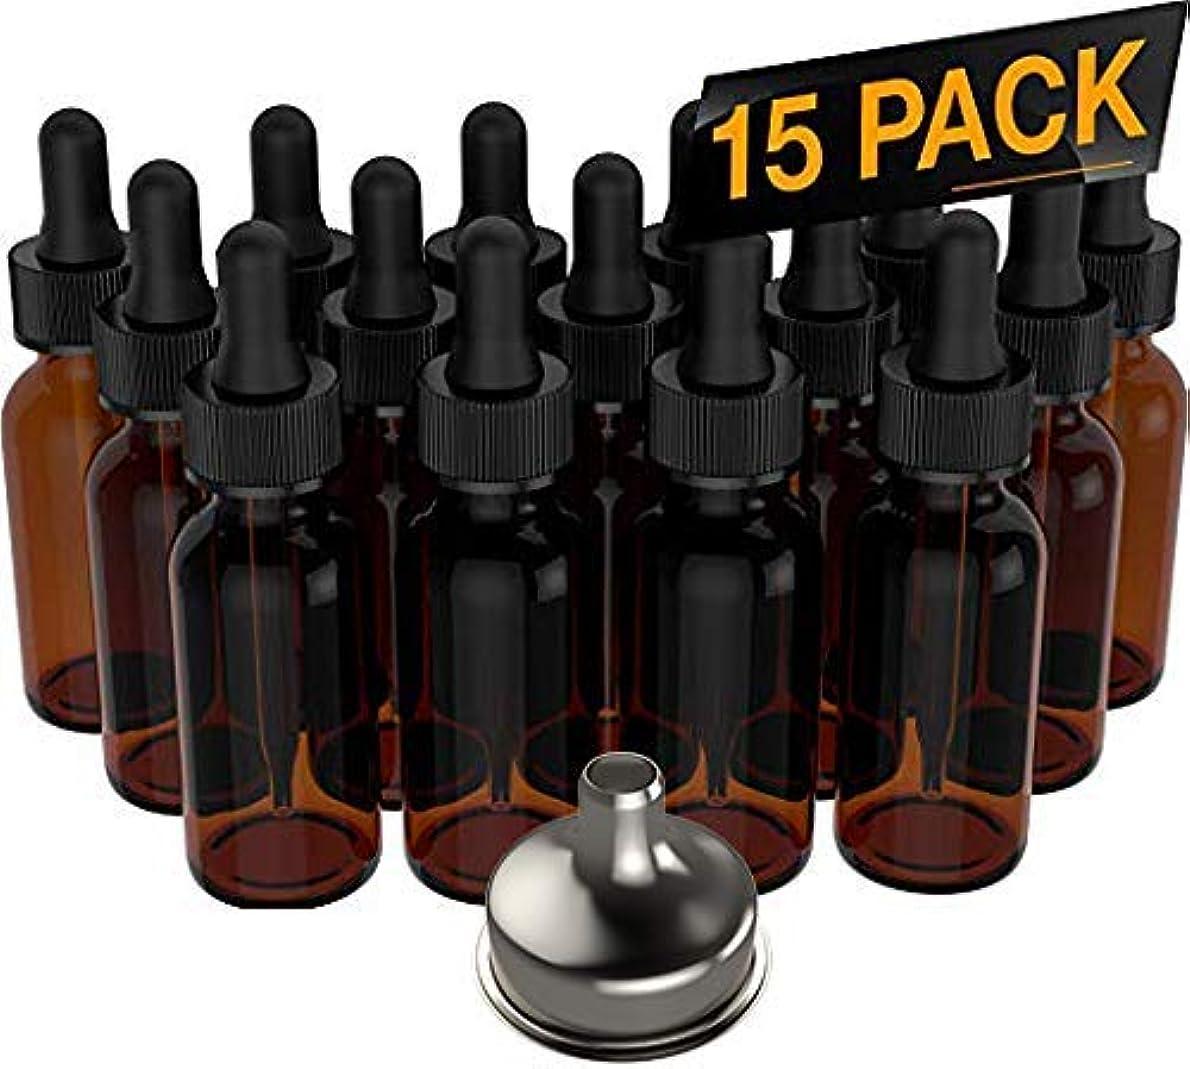 小石賢いカタログ15 Pack Essential Oil Bottles - Round Boston Empty Refillable Amber Bottle with Glass Dropper [ Free Stainless...